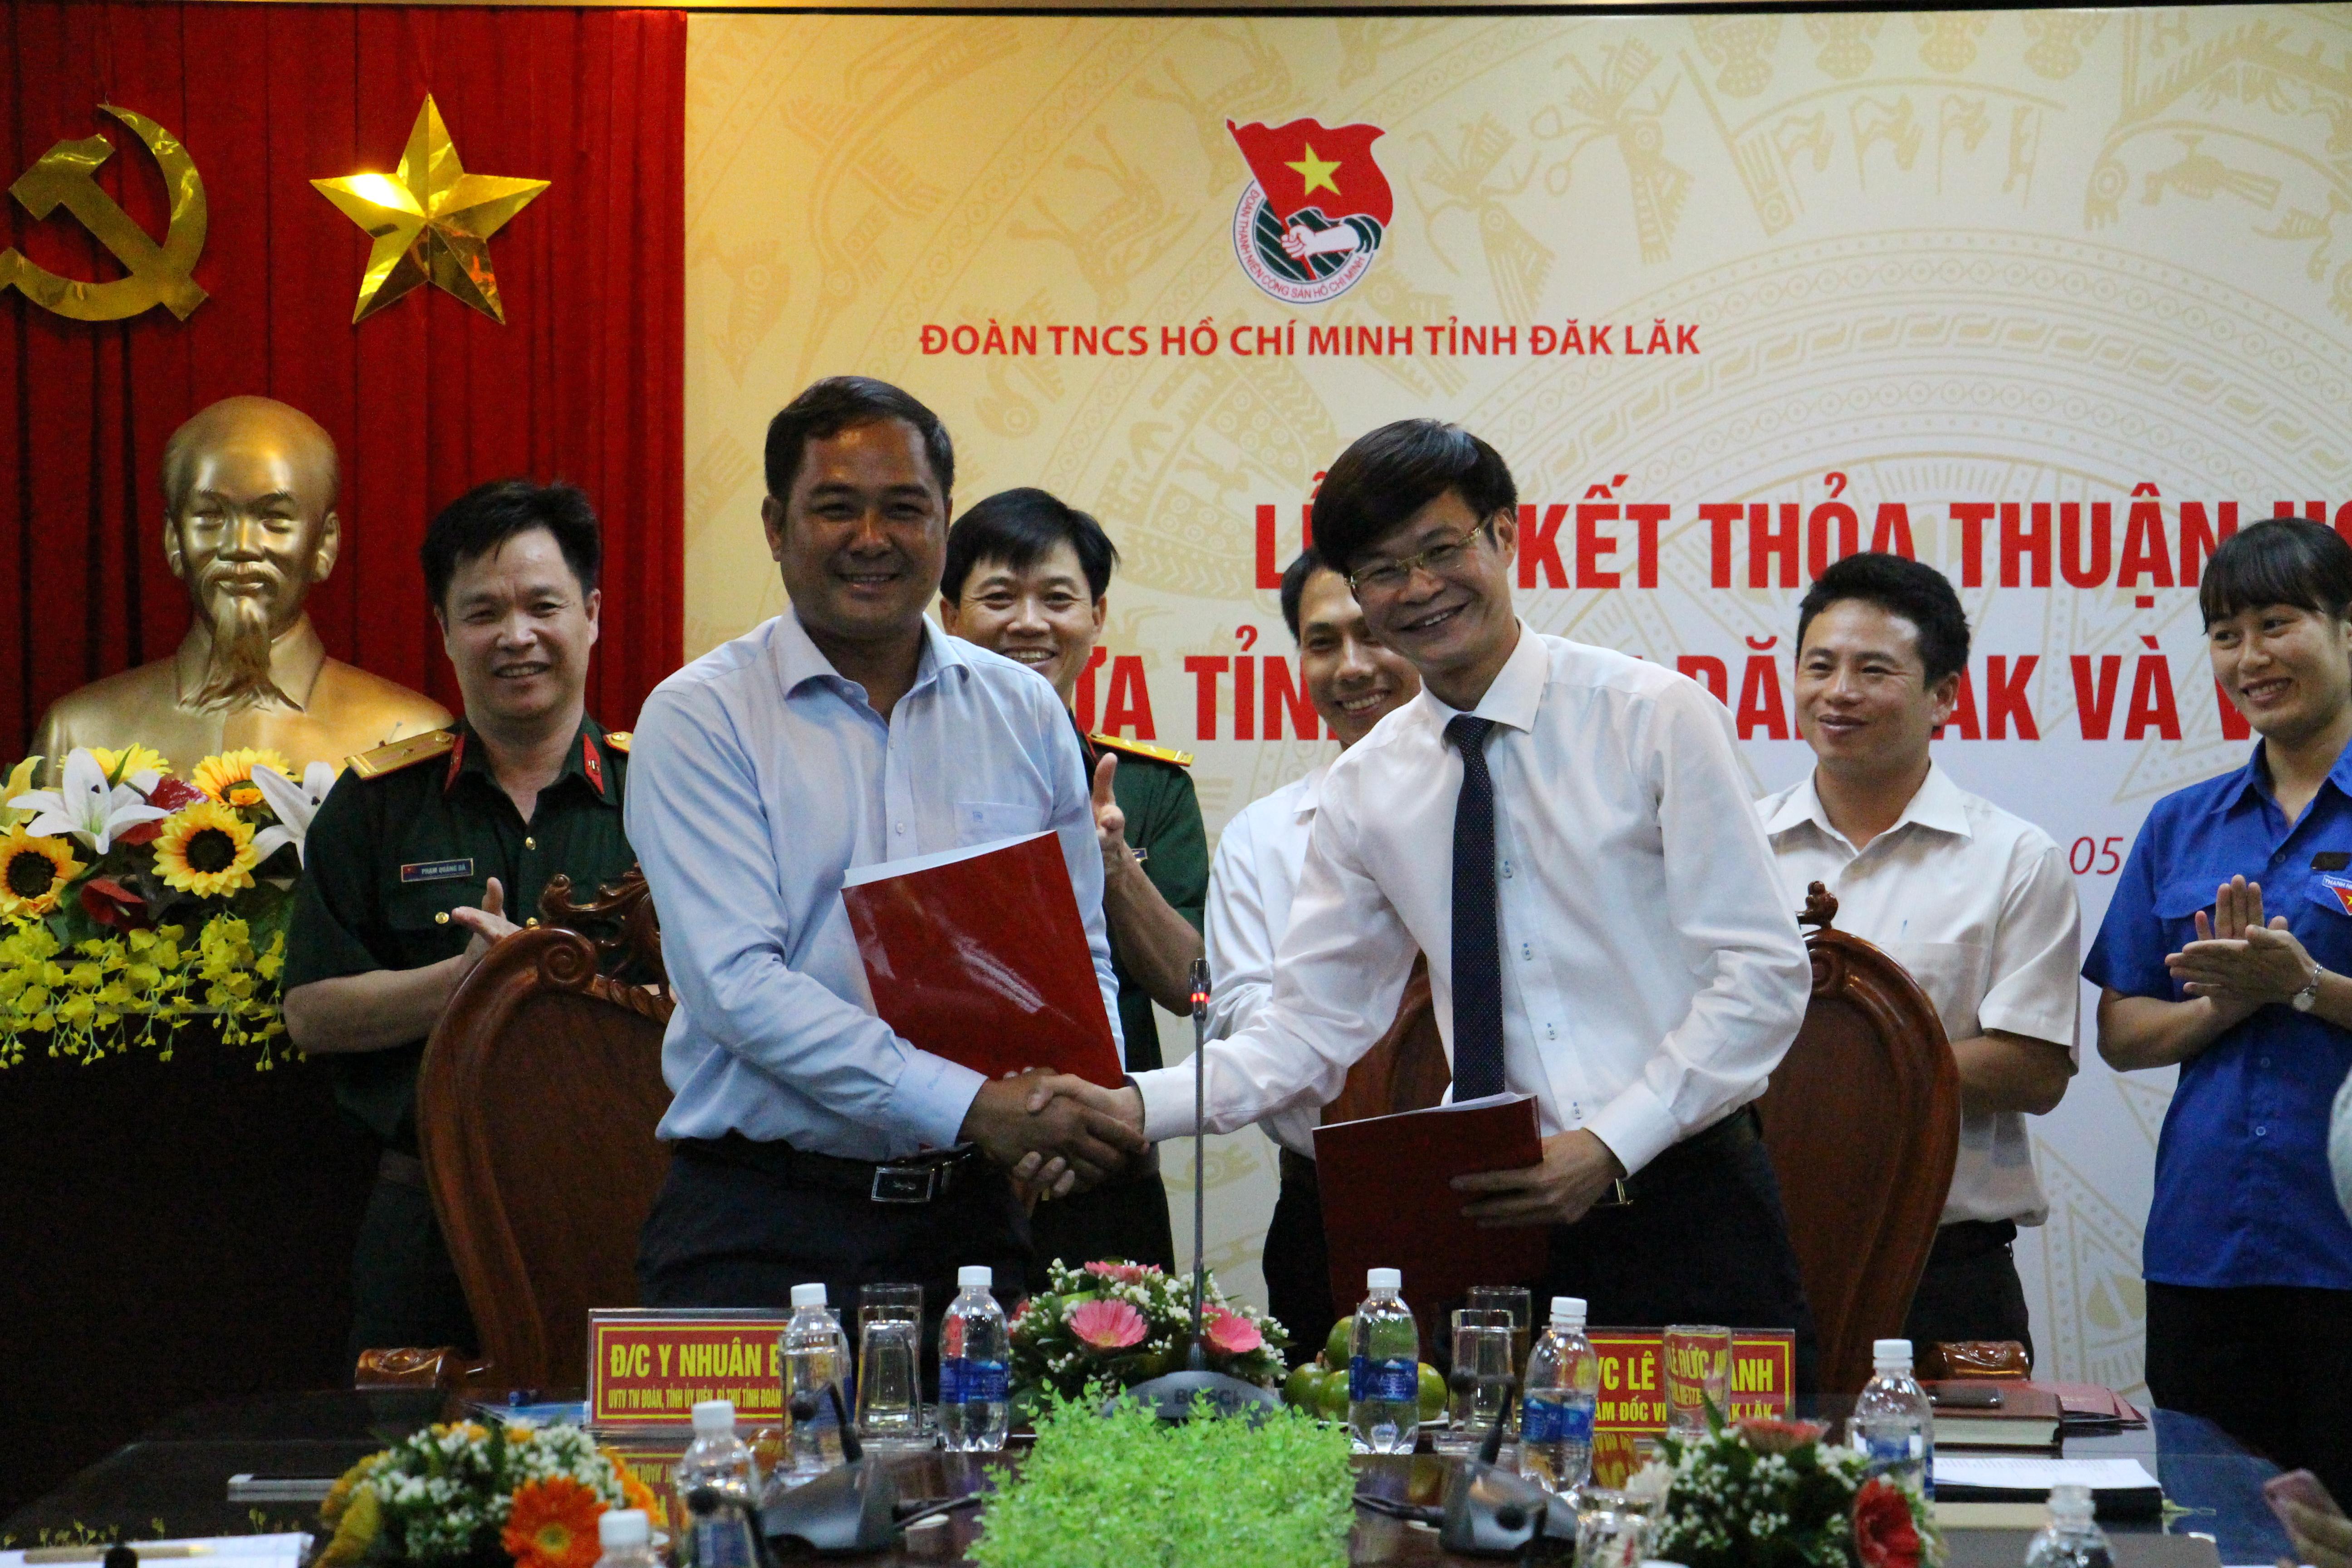 Tỉnh đoàn và Viettel Đắk Lắk ký kết thỏa thuận hợp tác